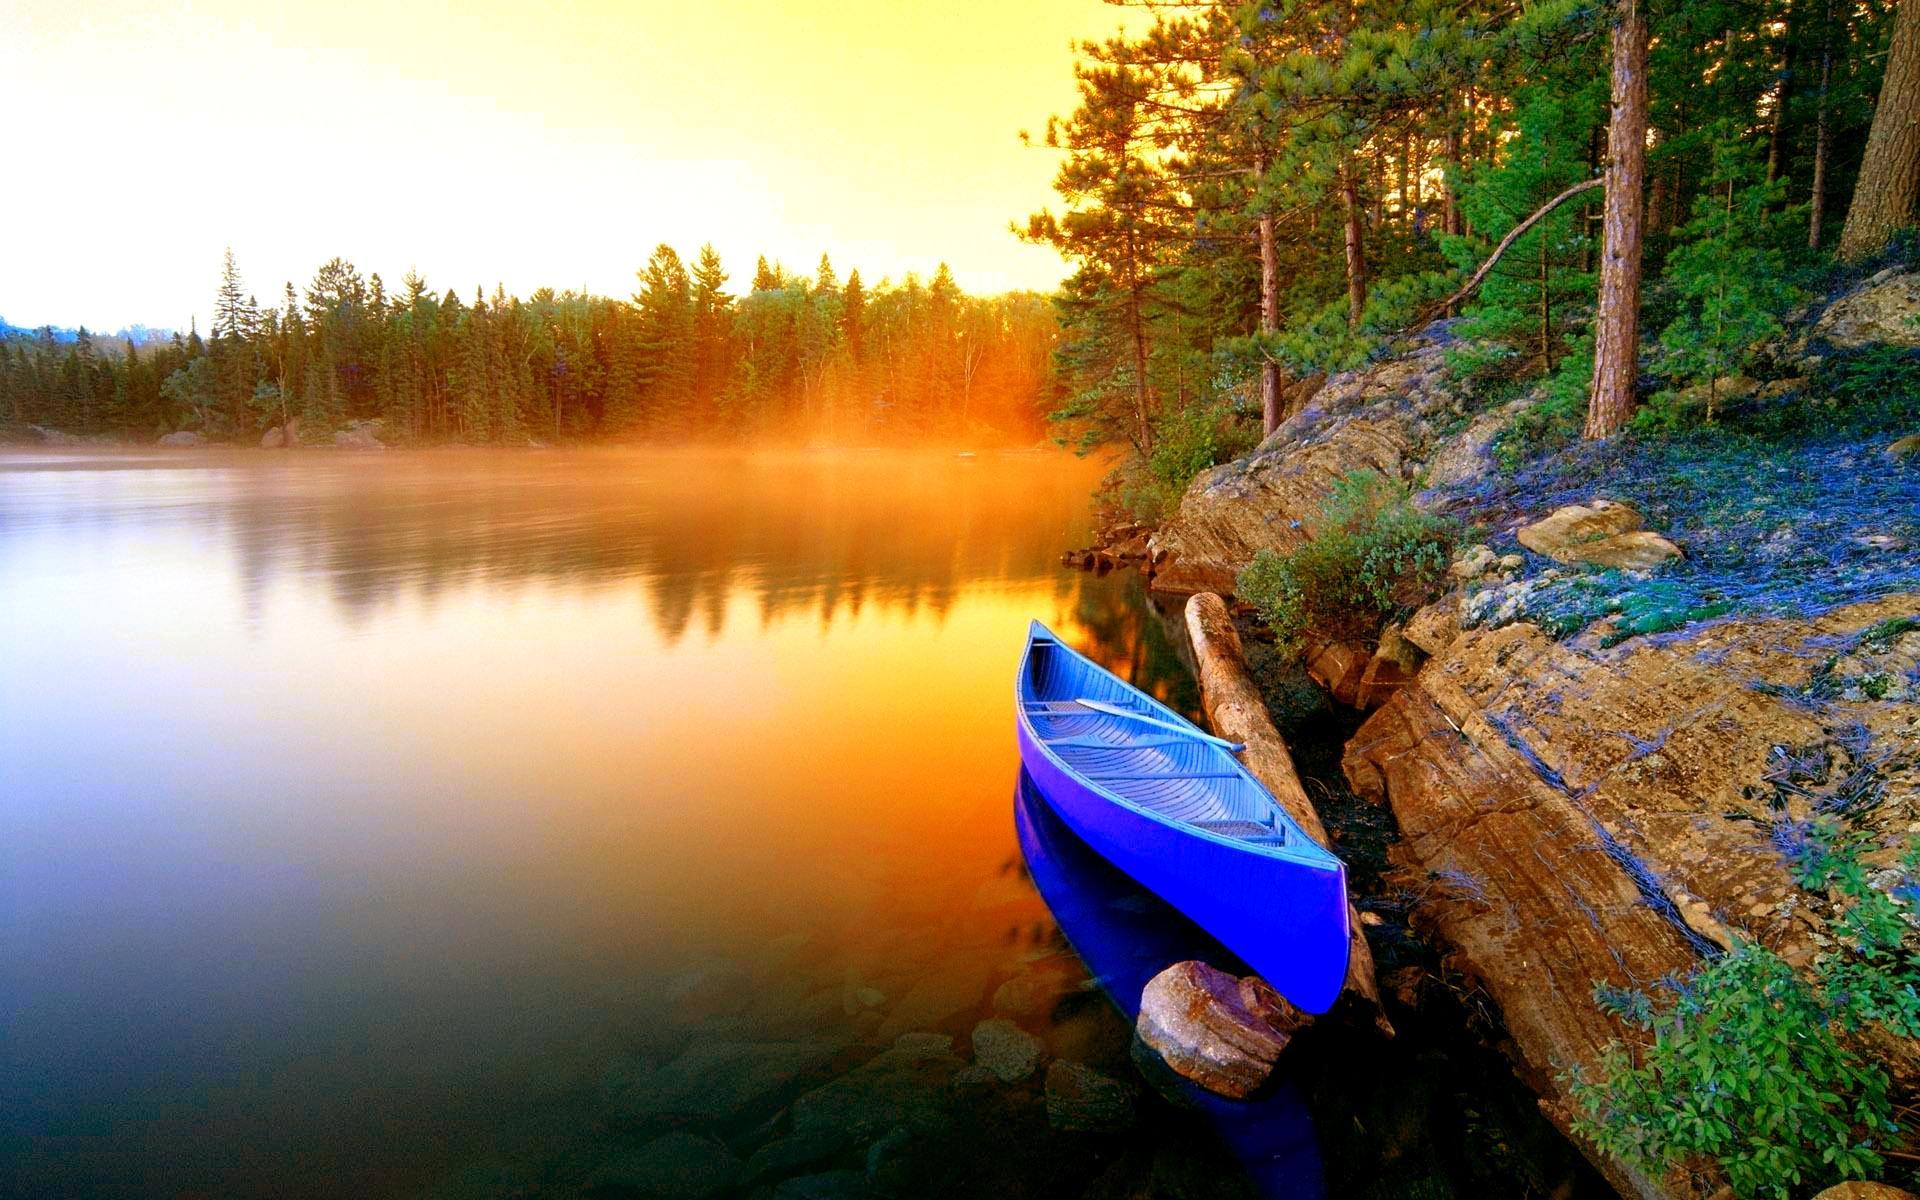 Stunning Kayak Boat Wallpaper 41866 1920x1200 px